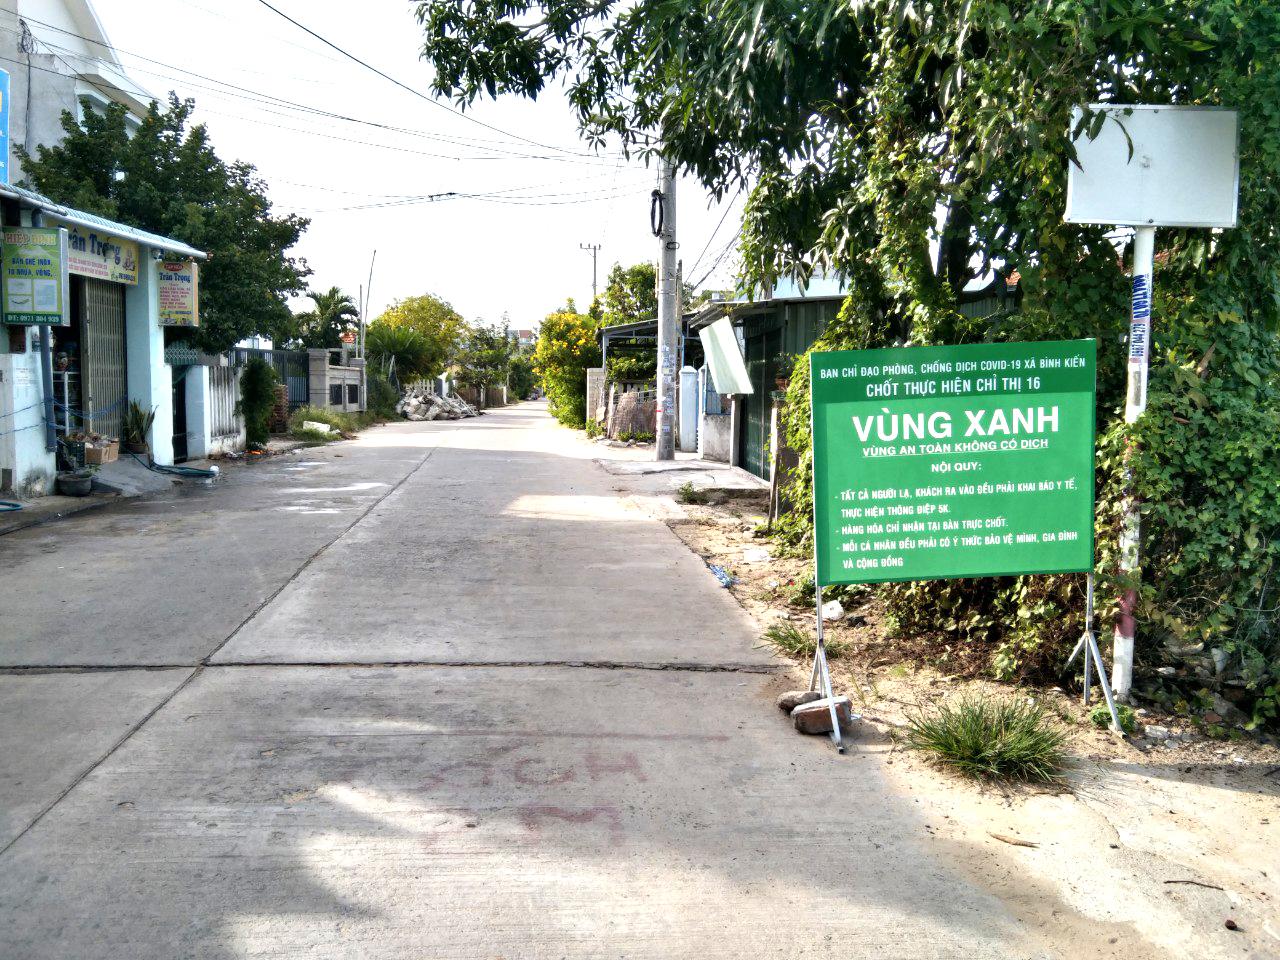 Thiết lập vùng xanh phòng chống lây nhiễm COVID-19 tại cộng đồng ở TP Tuy Hòa, tỉnh Phú Yên